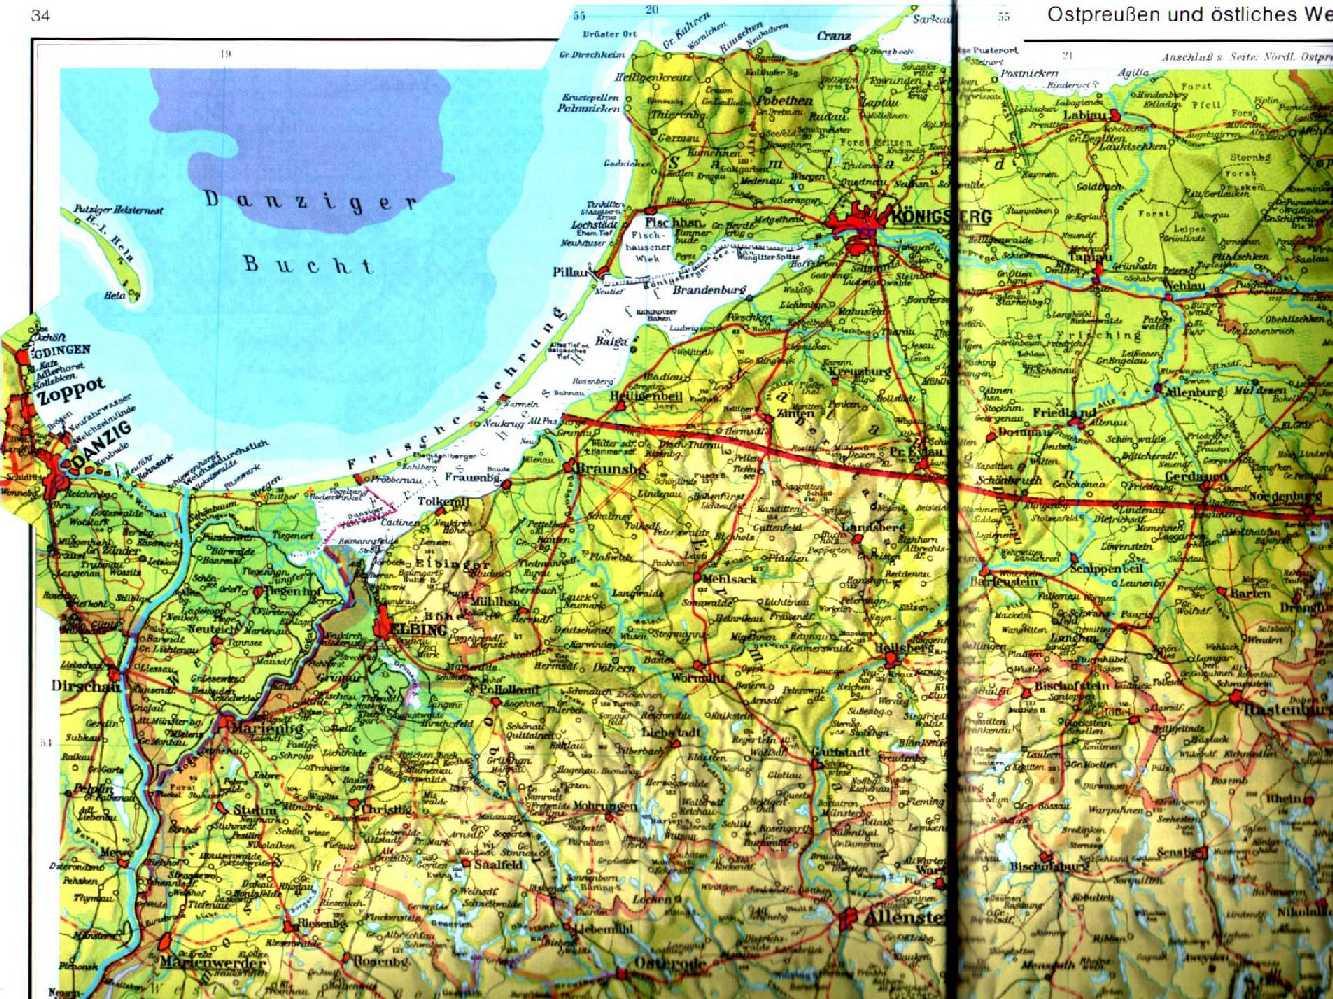 Karte Ostpreußen.Forschung Pettelkau Inhaltsverzeichnis Research Pettelkau Page